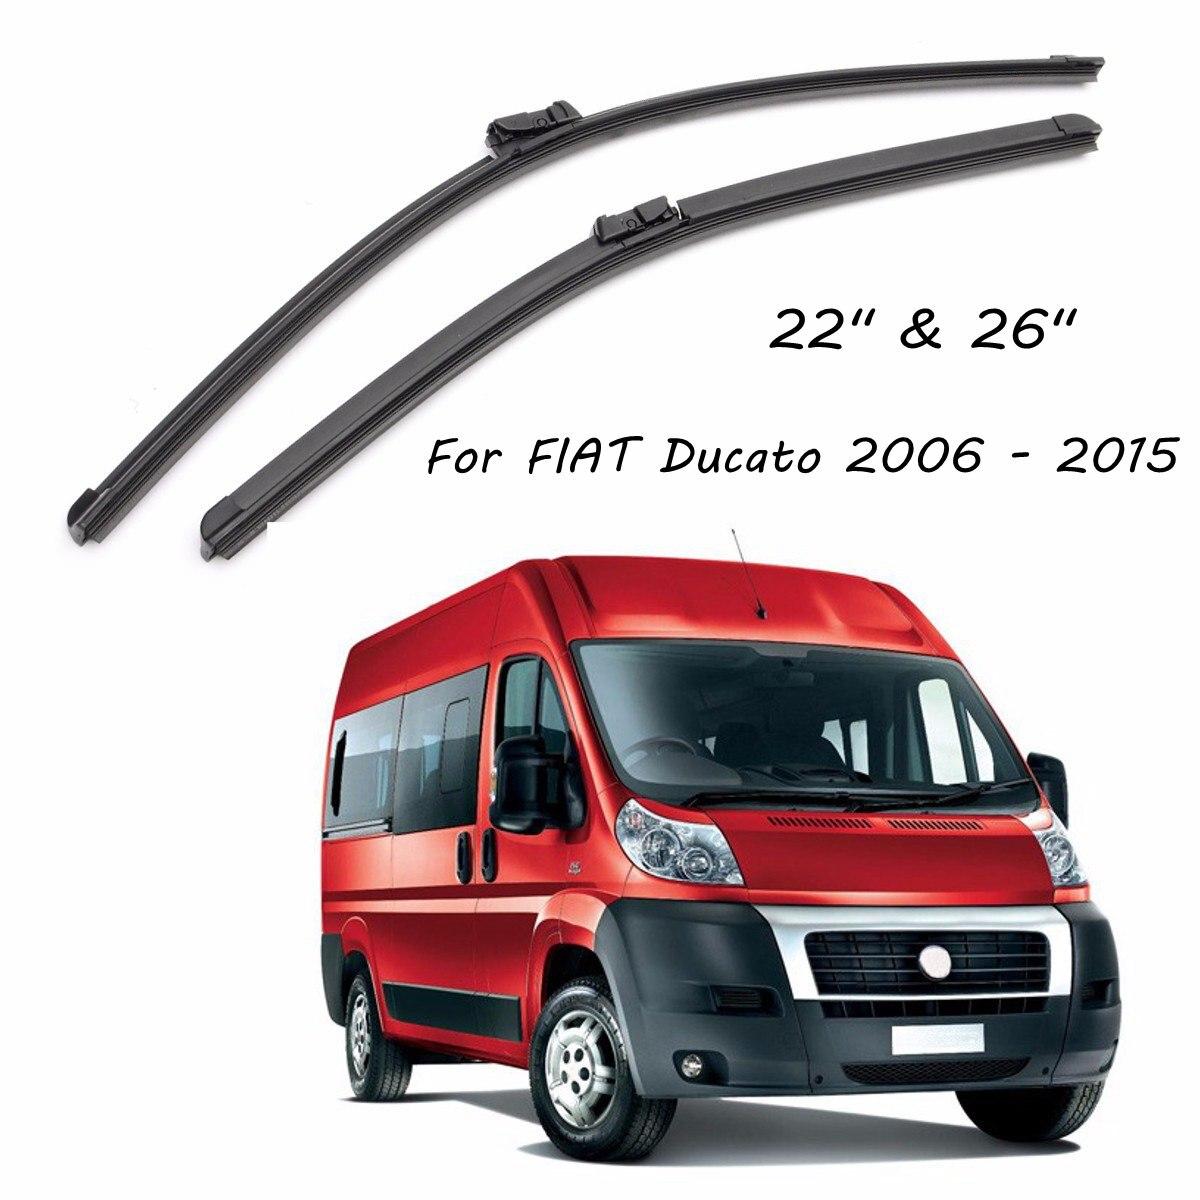 Щетки стеклоочистителя для FIAT Ducato 2006-2015, 22 и 26 дюймов